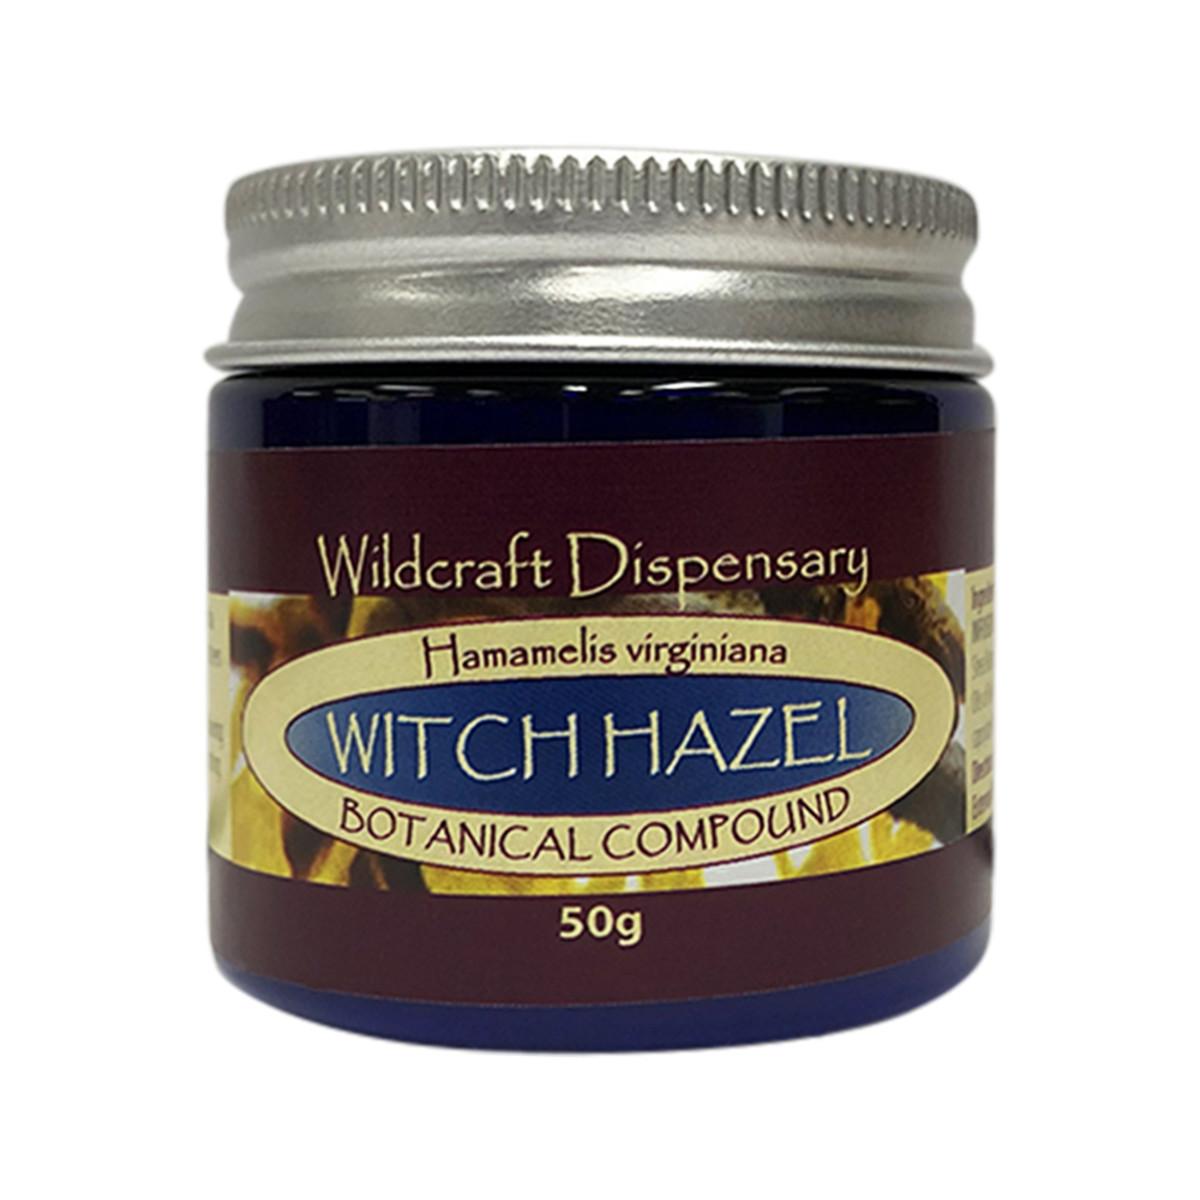 WILDCRAFT DISPENSARY WITCH HAZEL OINTMENT 50G